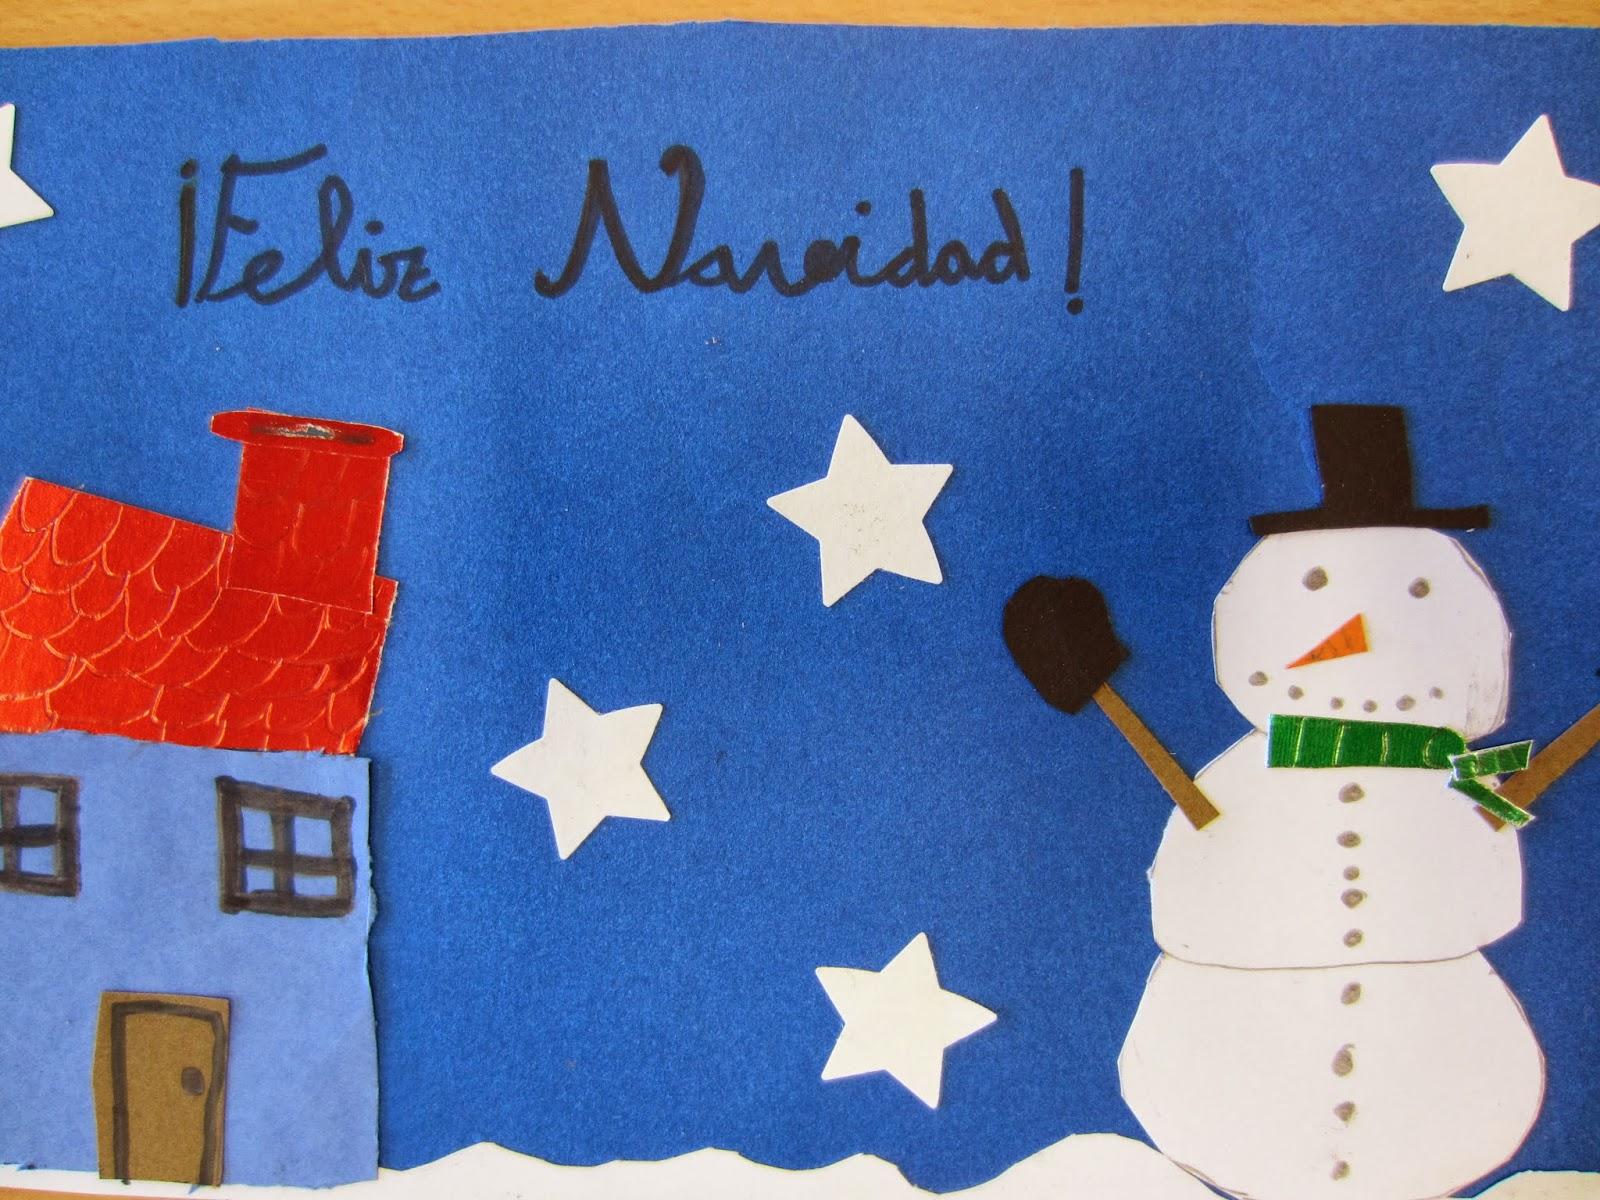 Blog de 4 a postales de navidad - Tarjetas de navidad hechas por ninos ...